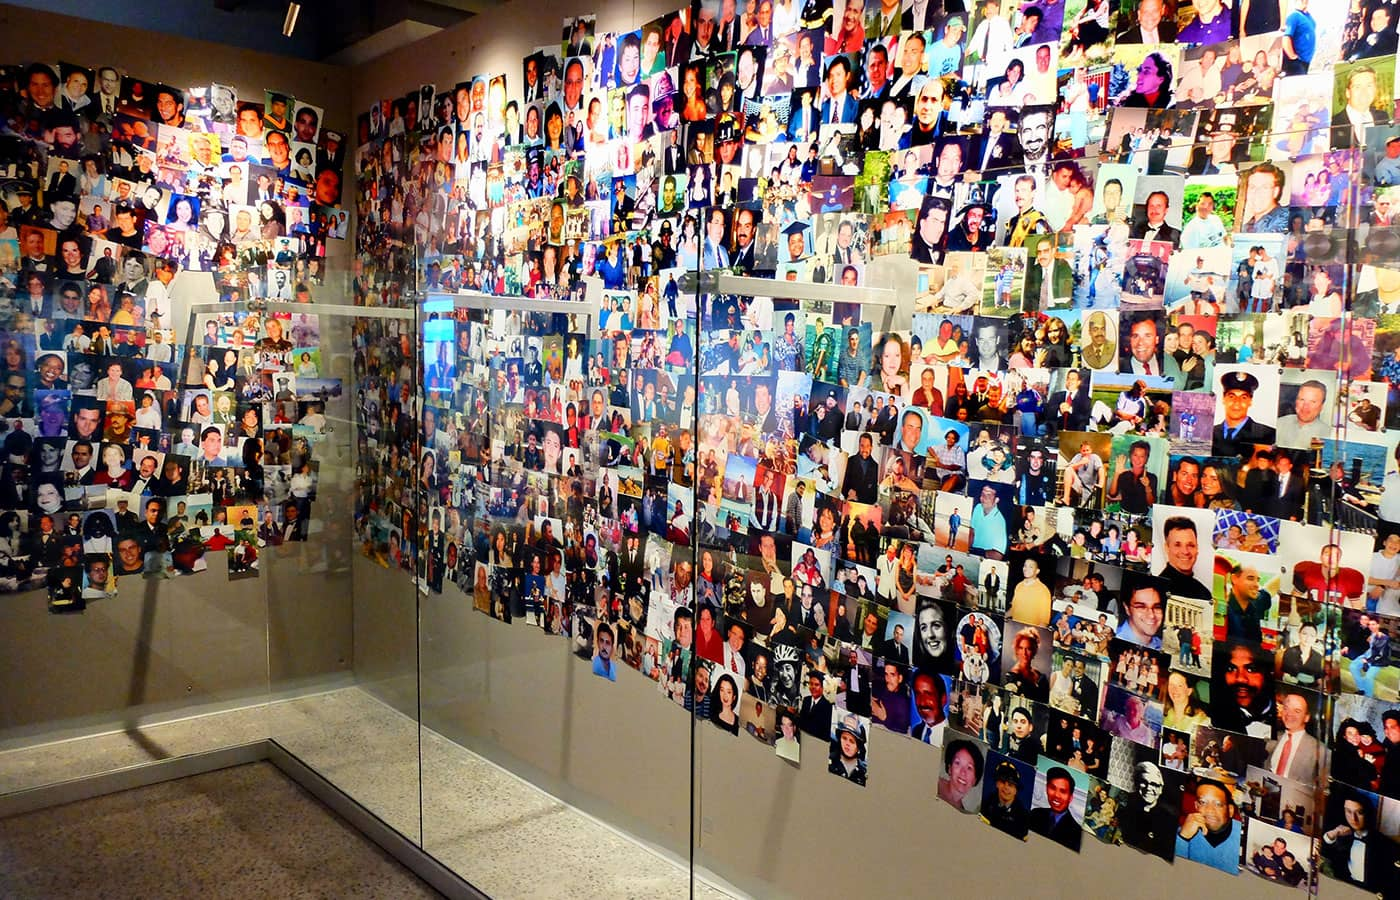 911 Tribute Museum in New York - Bildevegg